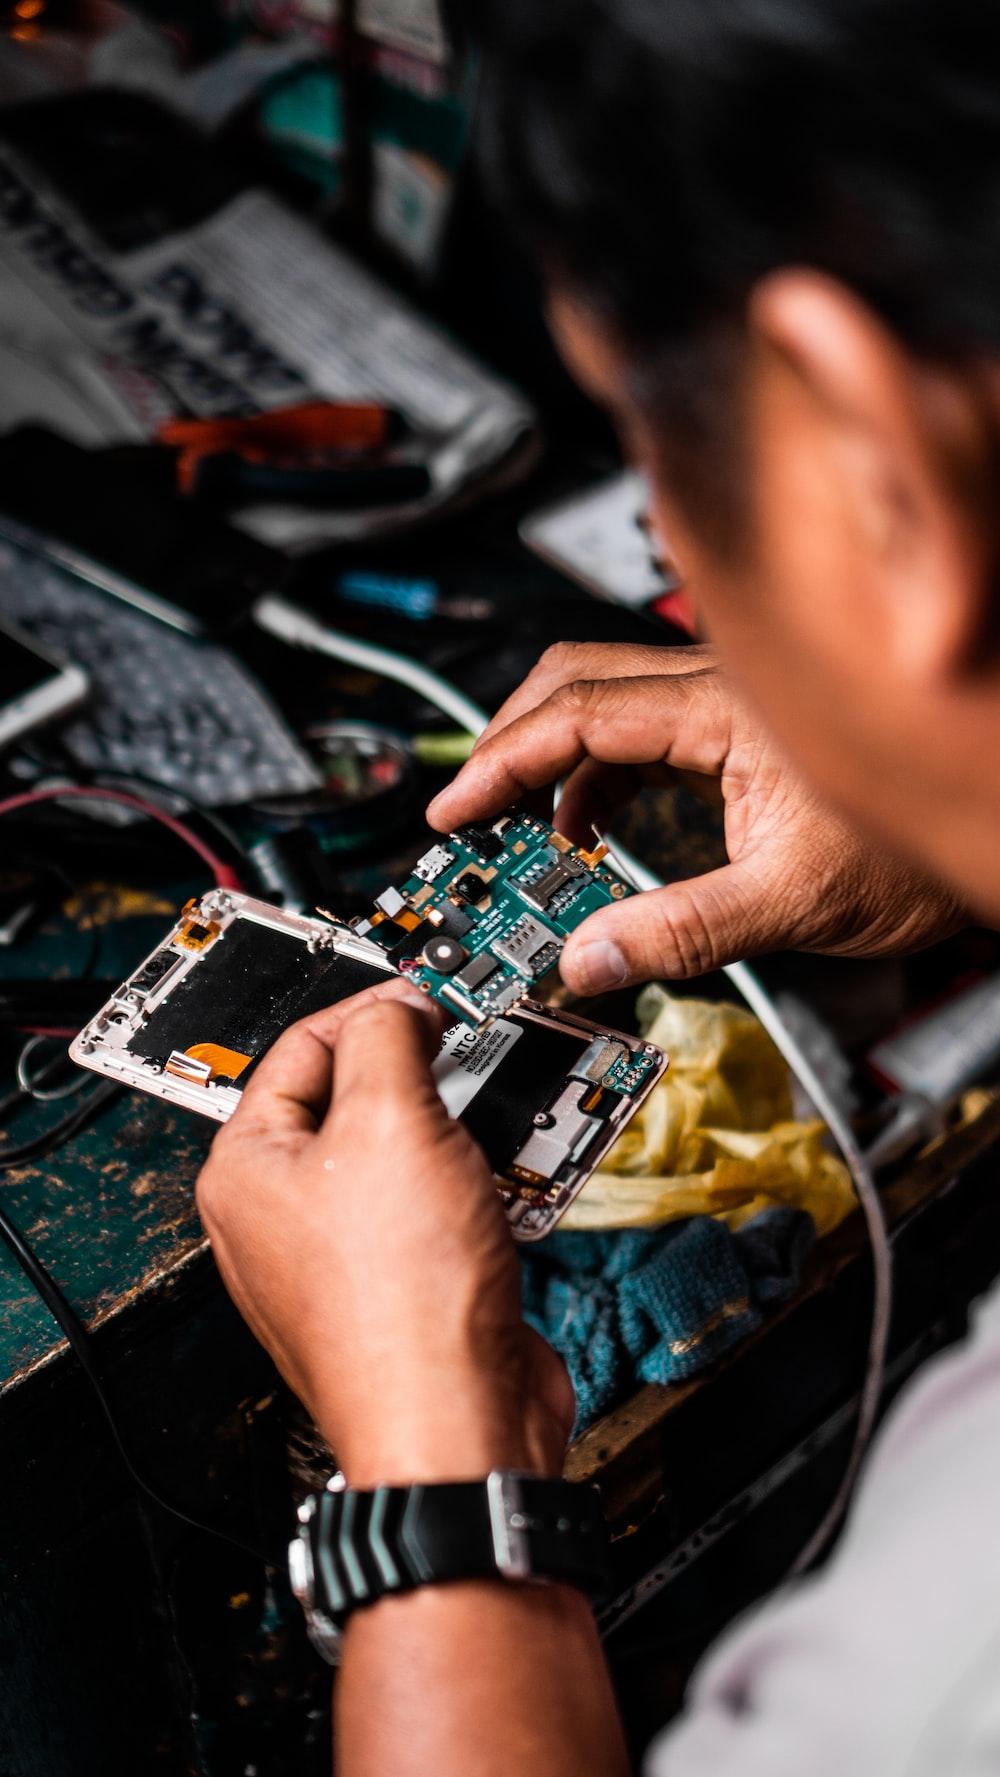 man repairing Android smartphone